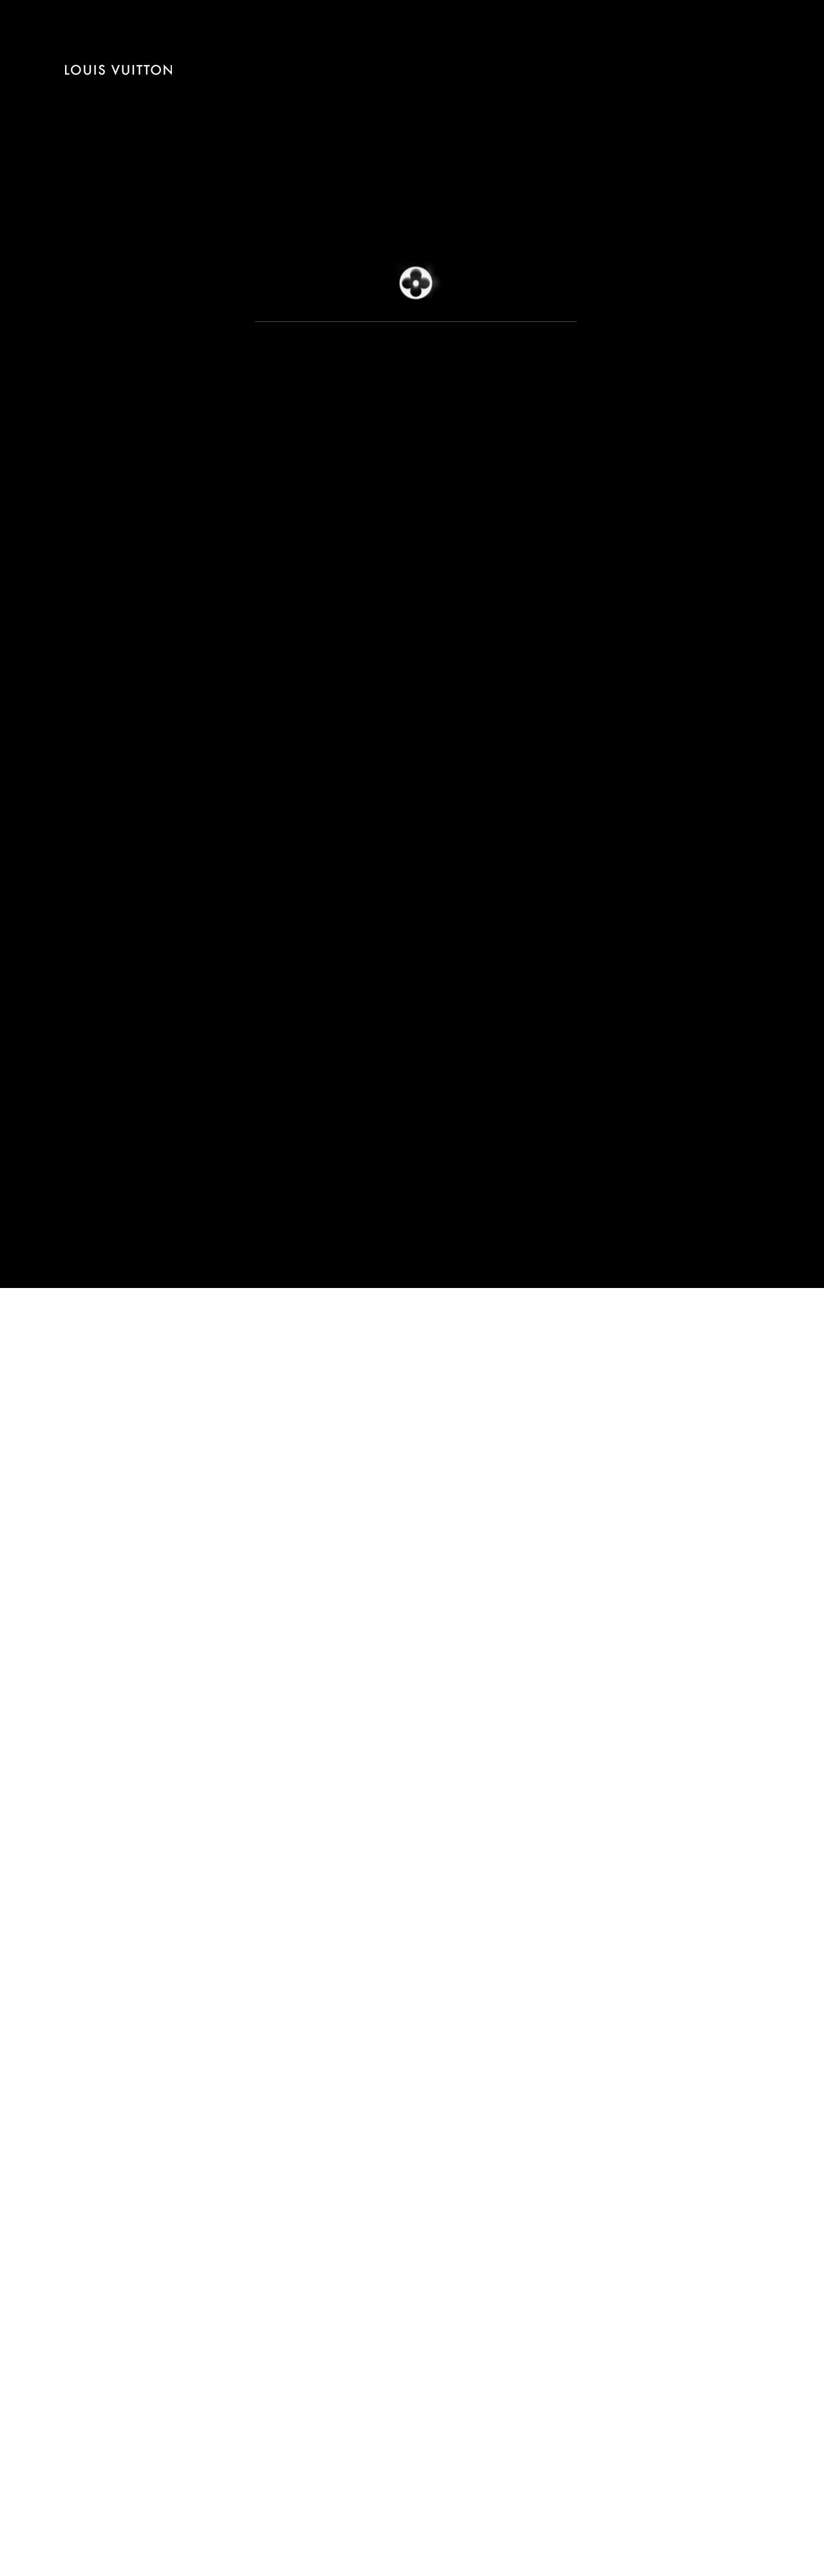 LOUISVUITTON.COM.AU | Louis Vuitton Official Website - Australia